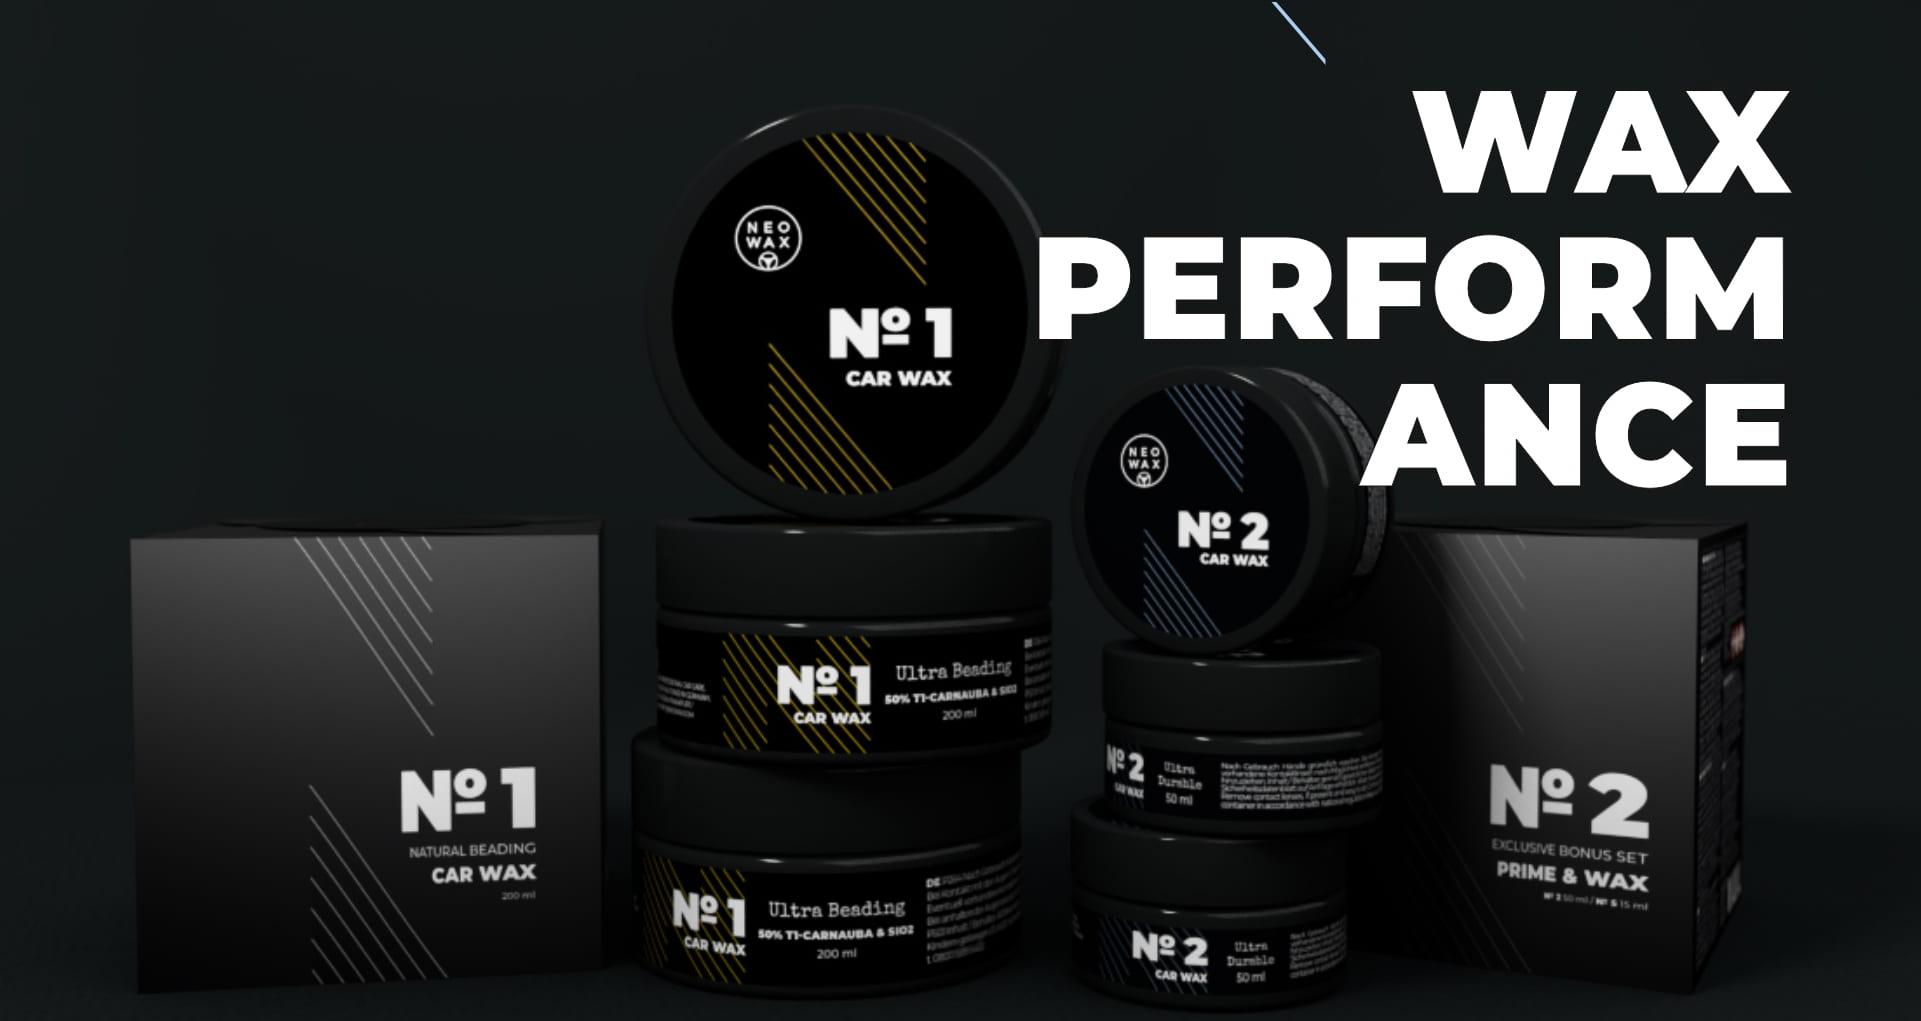 neowax-wax-autowachs-performance